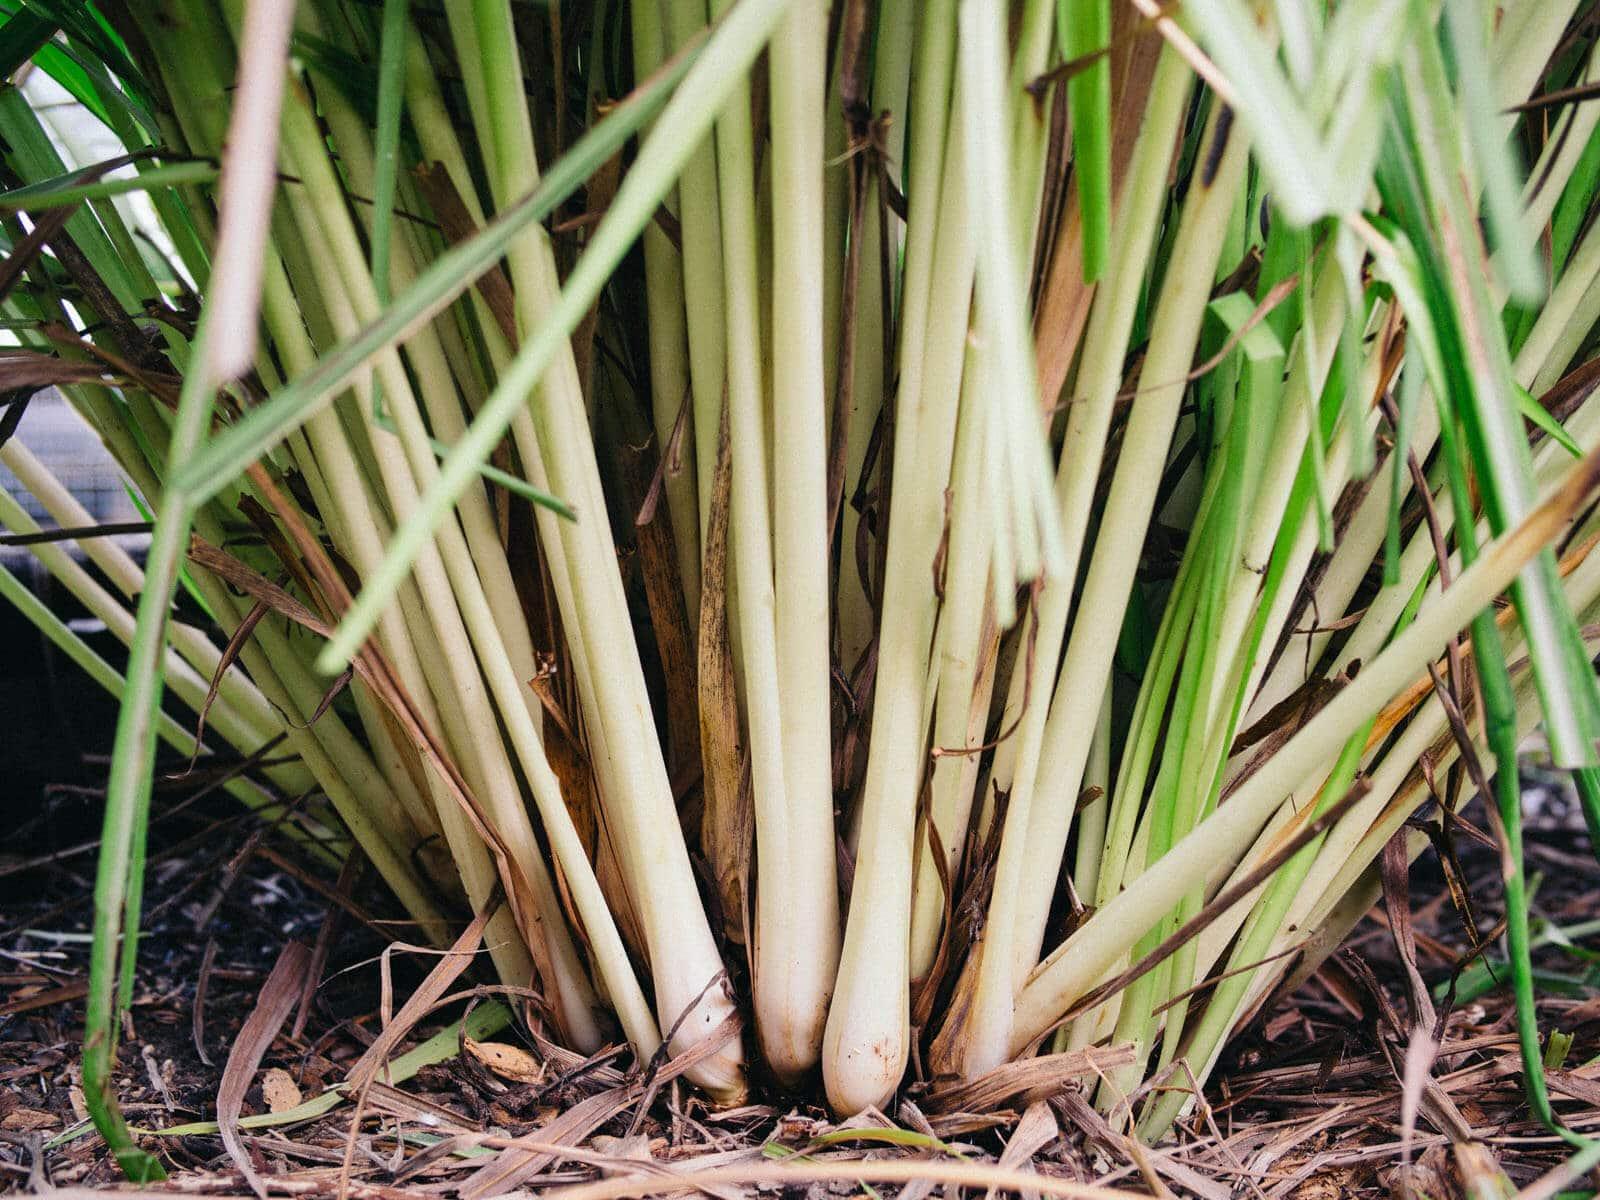 Healthy lemongrass stalks